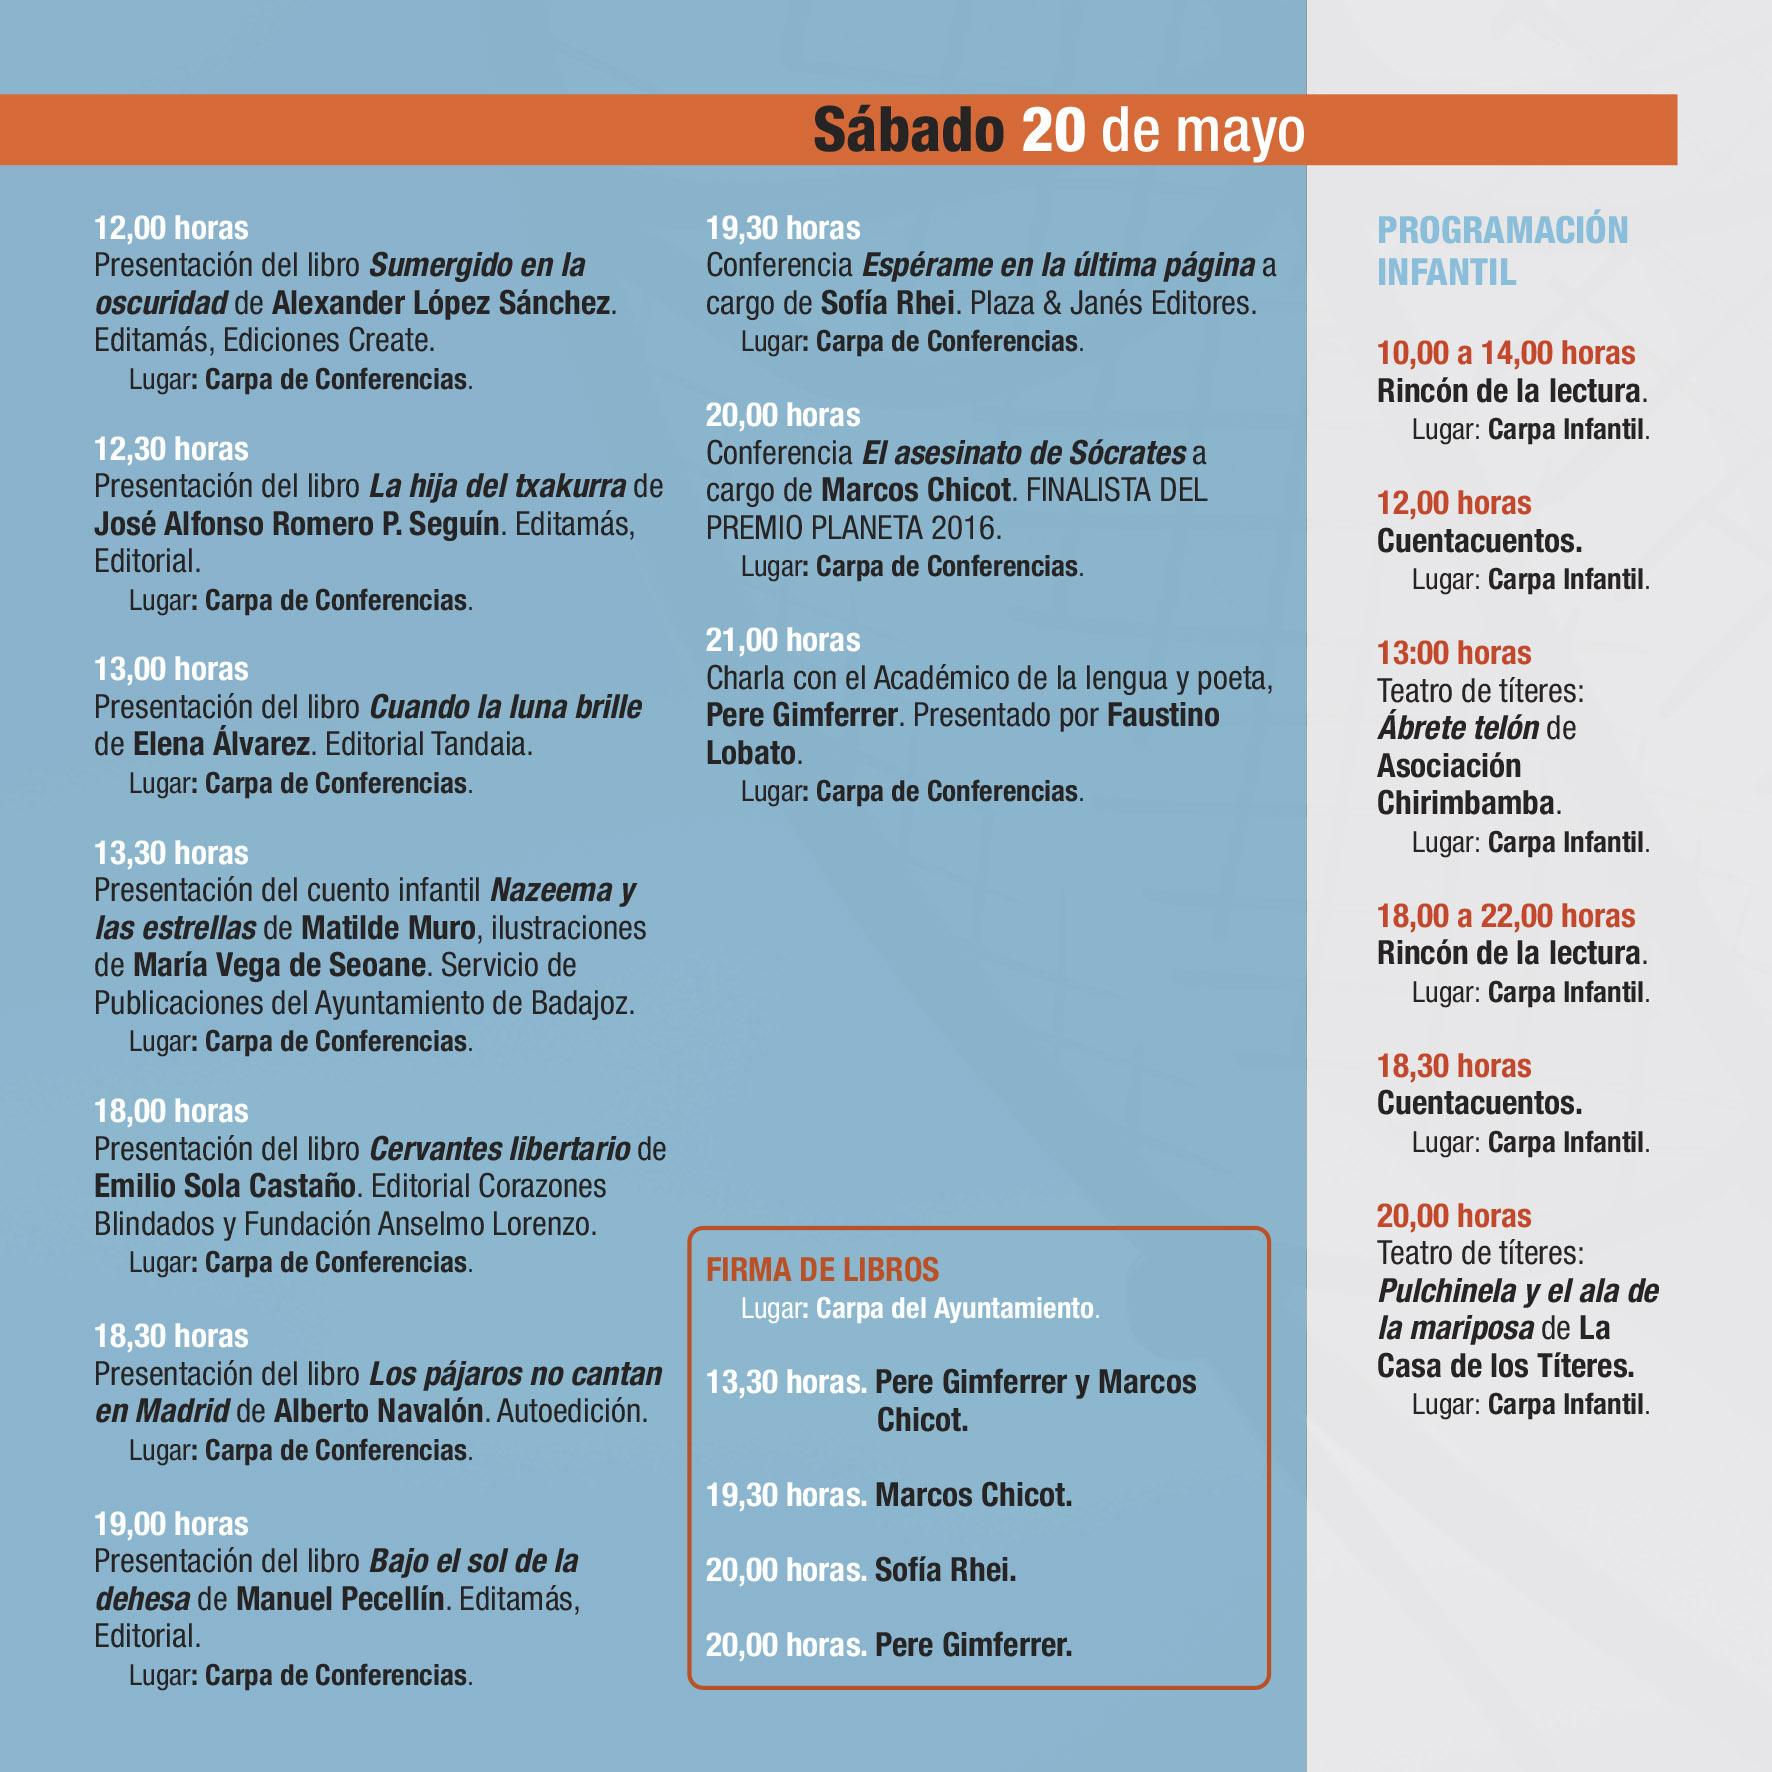 PROGRAMA 36 FERIA DEL LIBRO